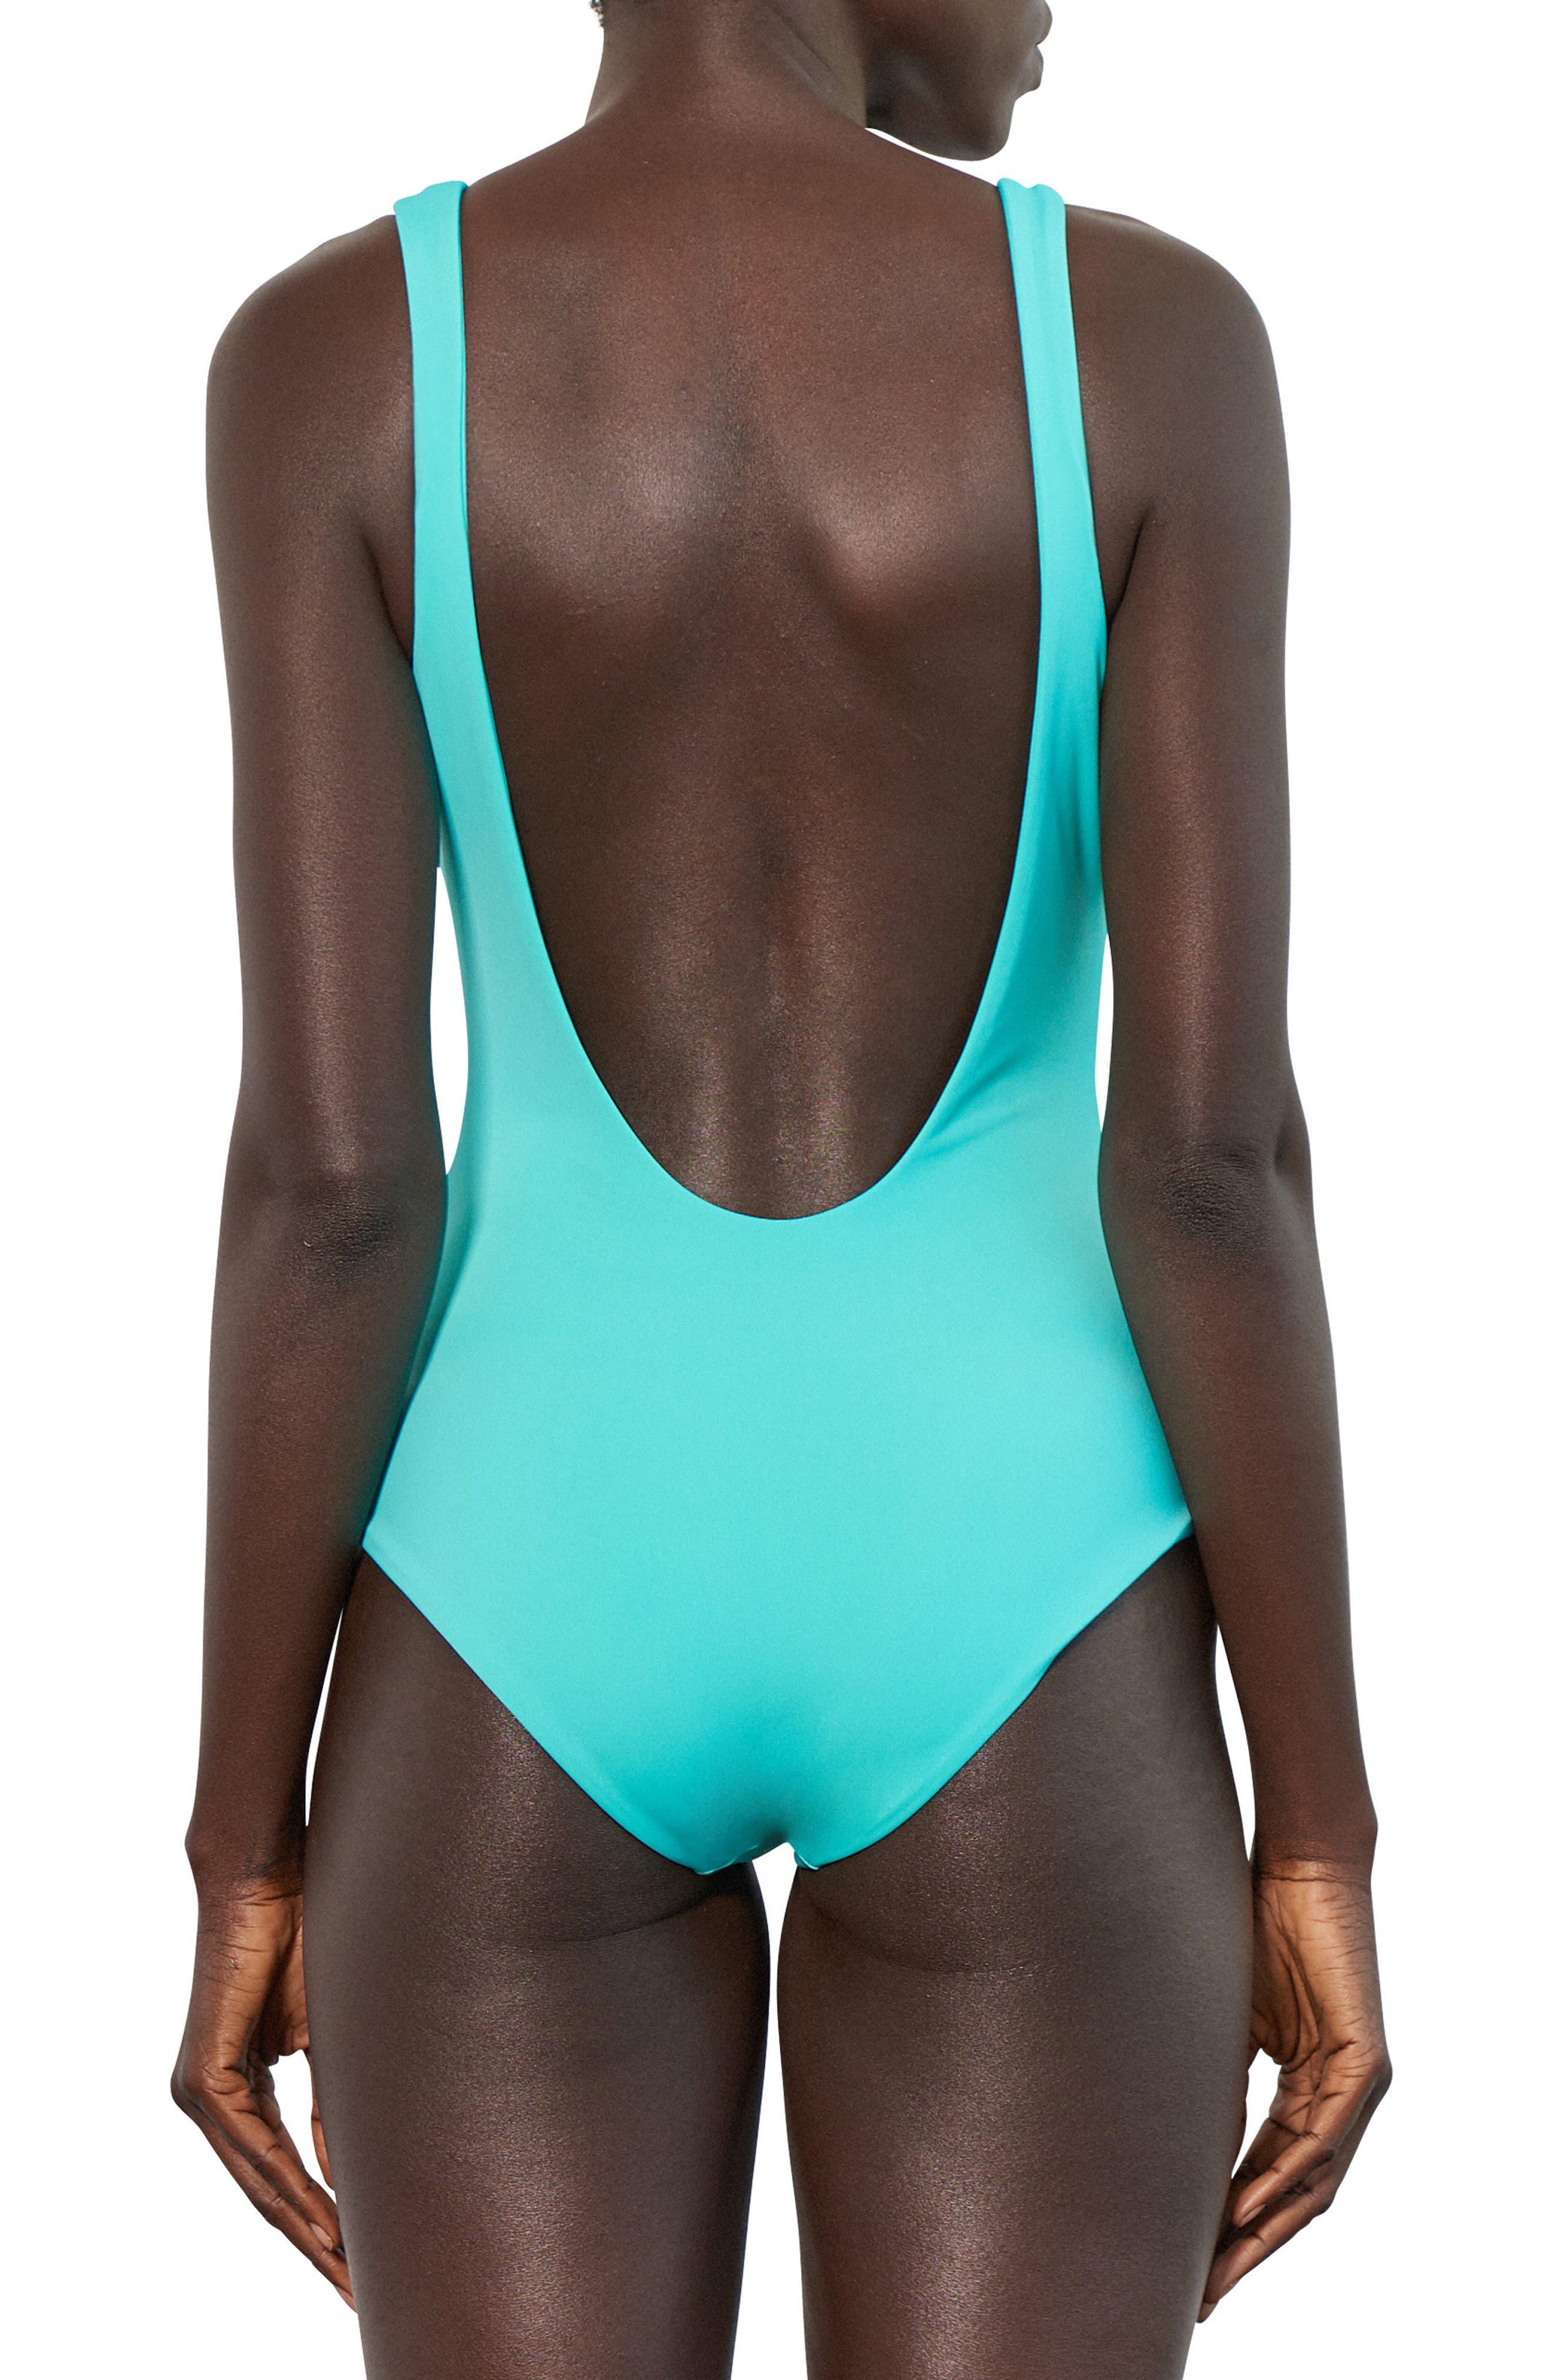 Maven One-Piece Swimsuit,                             Alternate thumbnail 2, color,                             442